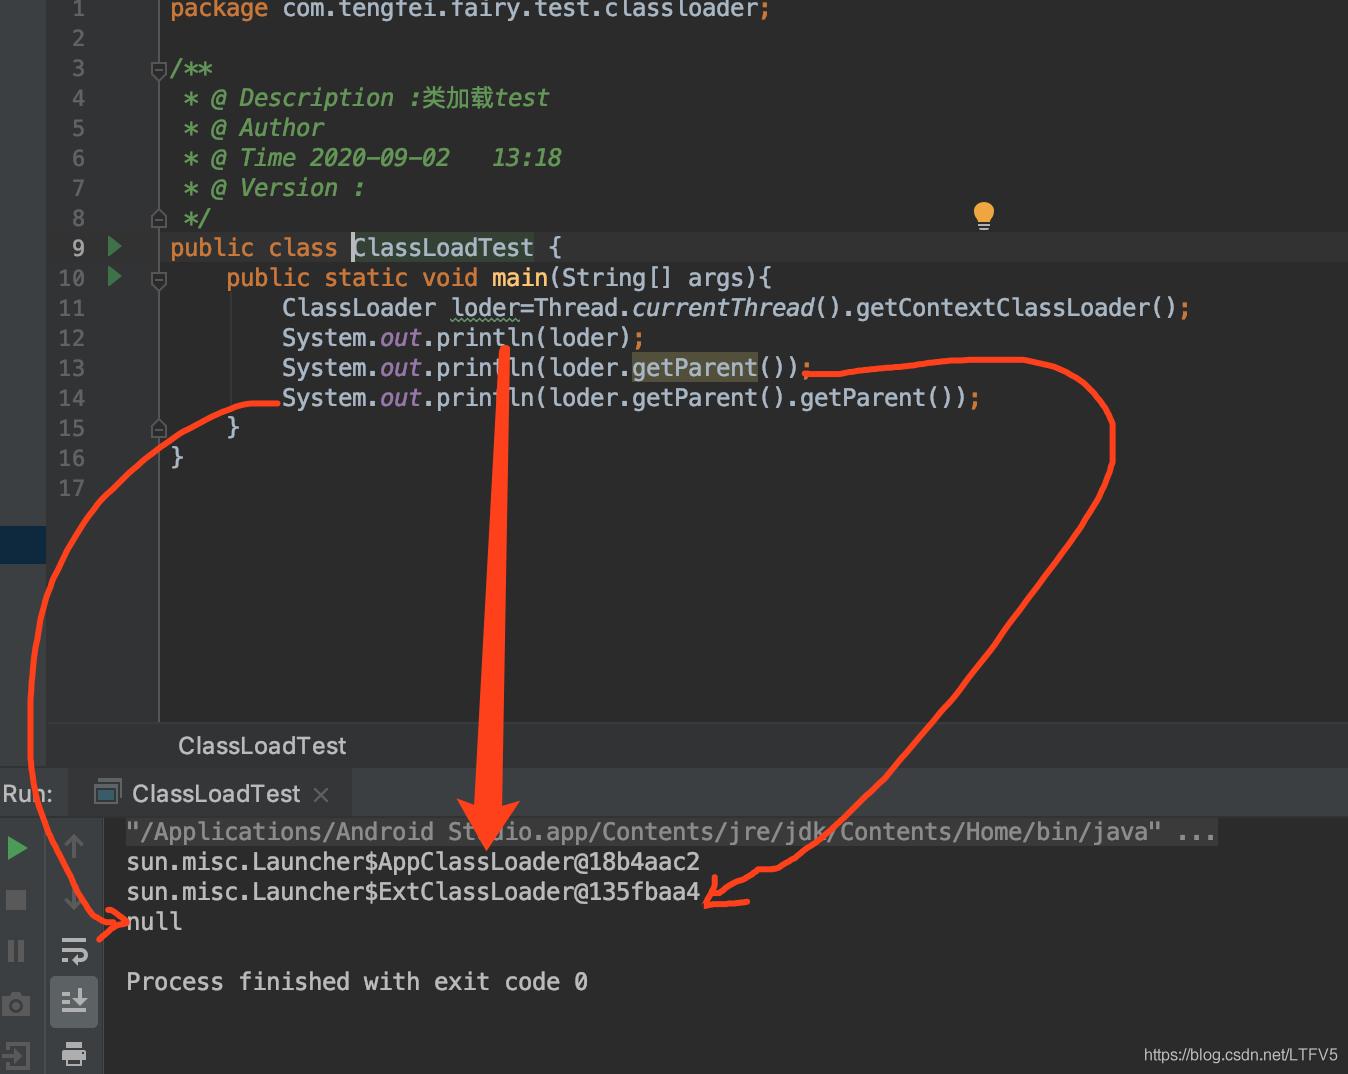 ![在这里插入图片描述](https://img-blog.csdnimg.cn/20200902132440789.png?x-oss-process=image/watermark,type_ZmFuZ3poZW5naGVpdGk,shadow_10,text_aHR0cHM6Ly9ibG9nLmNzZG4ubmV0L0xURlY1,size_16,color_FFFFFF,t_70#pic_center